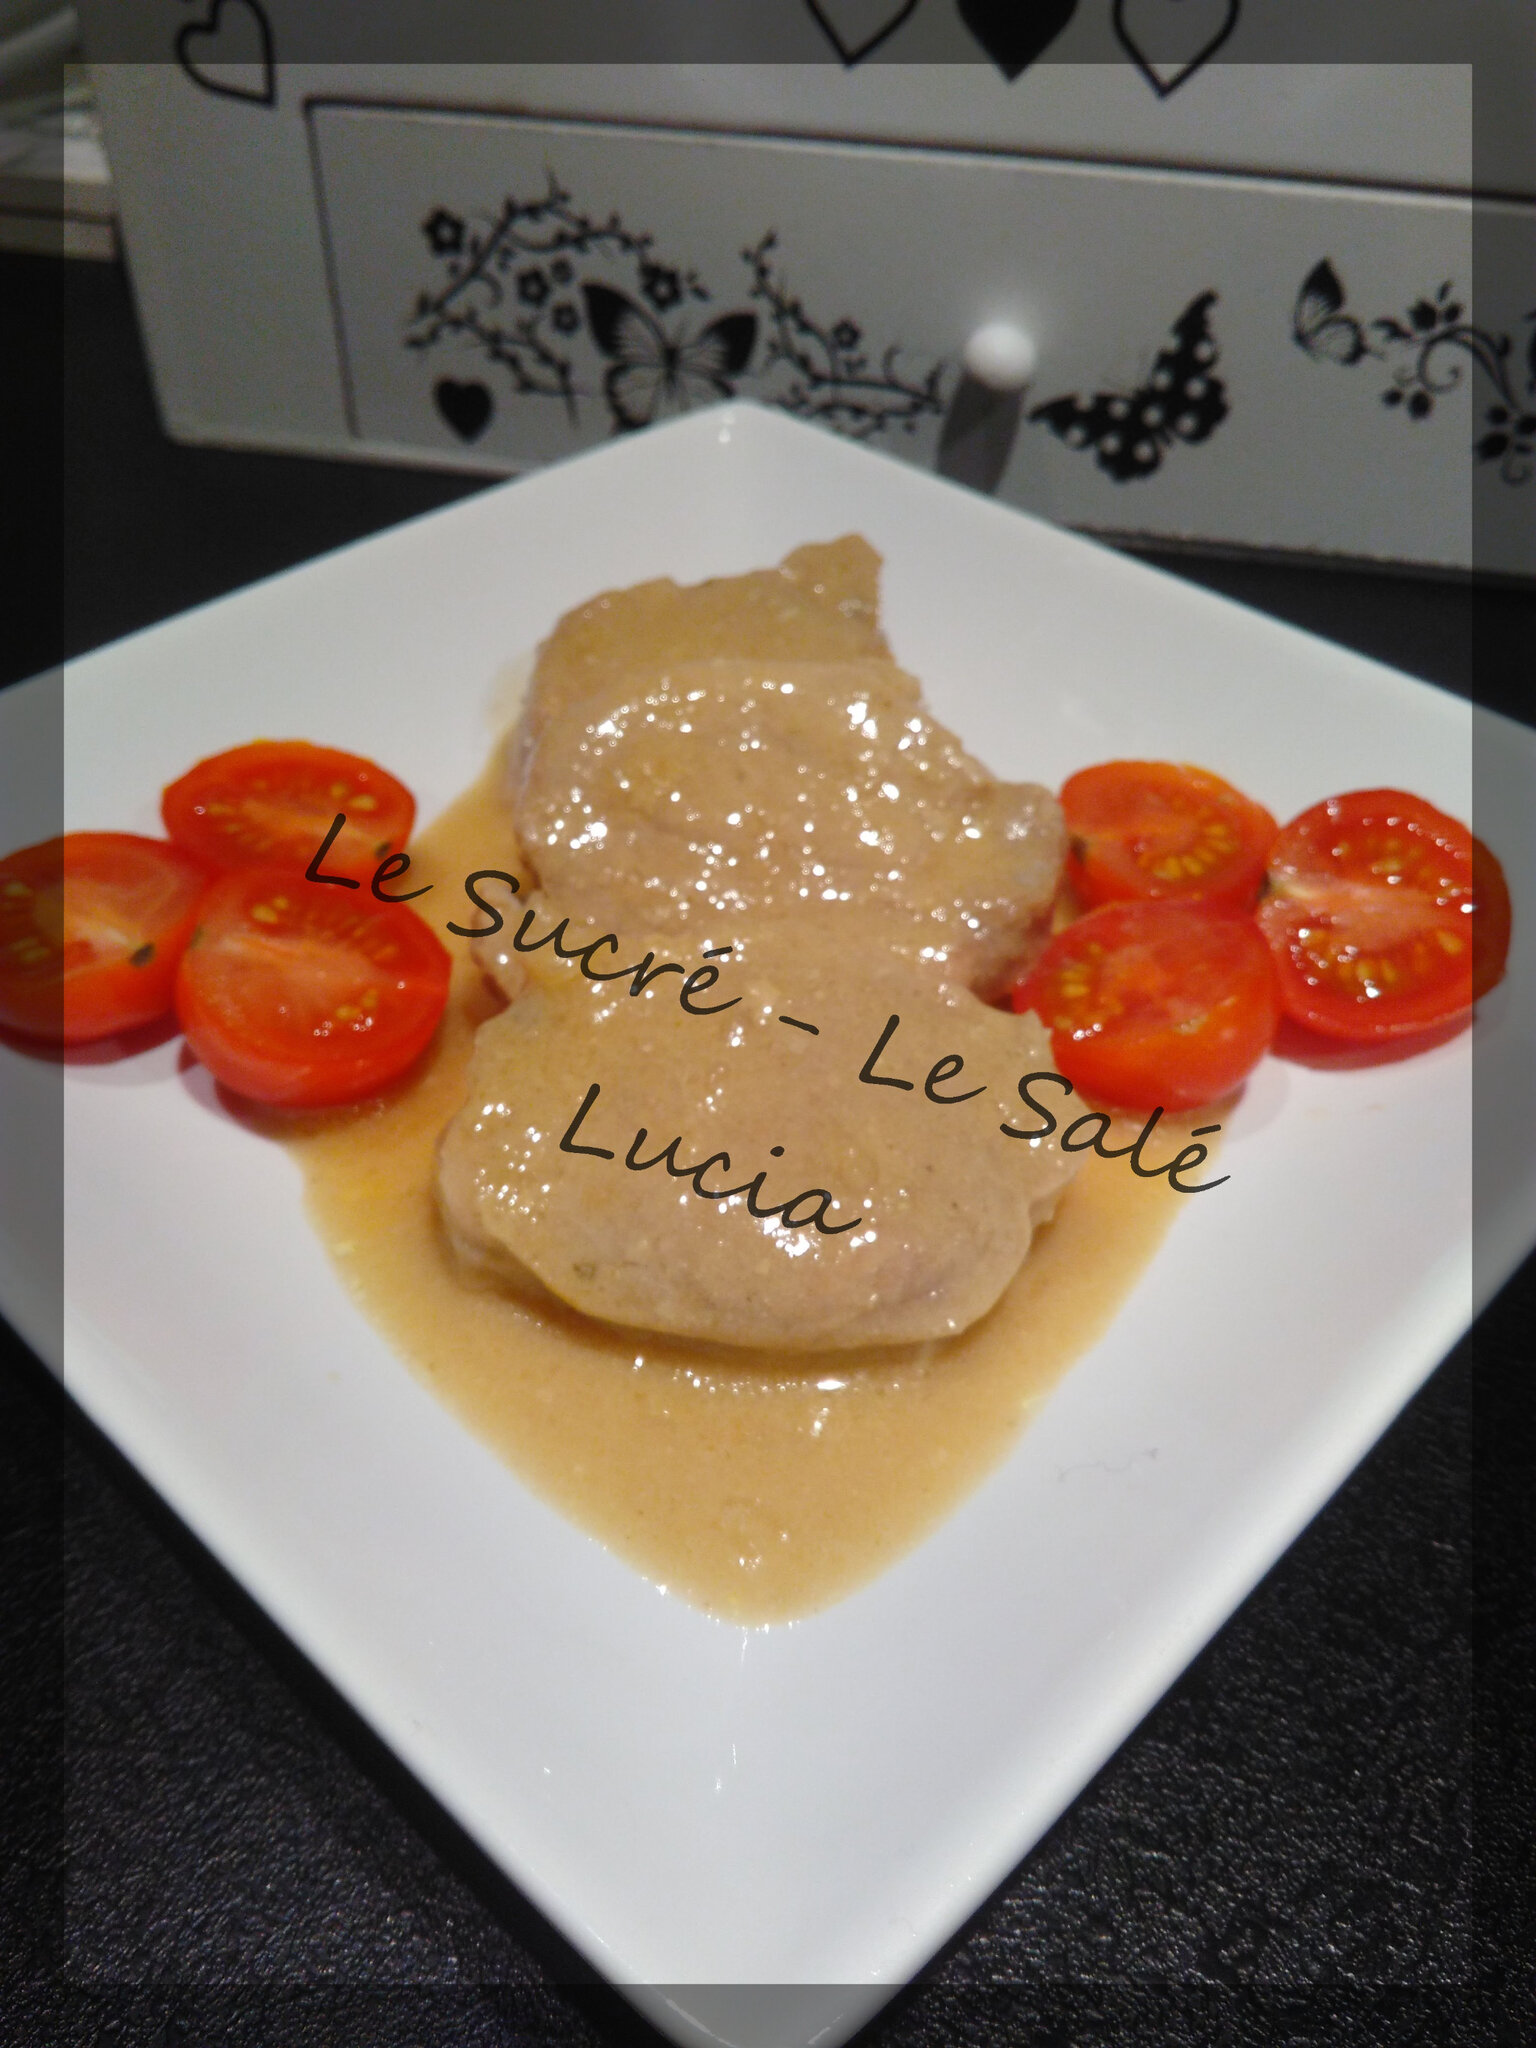 Filet mignon de porc au boursin au cookeo - Cookeo Mania